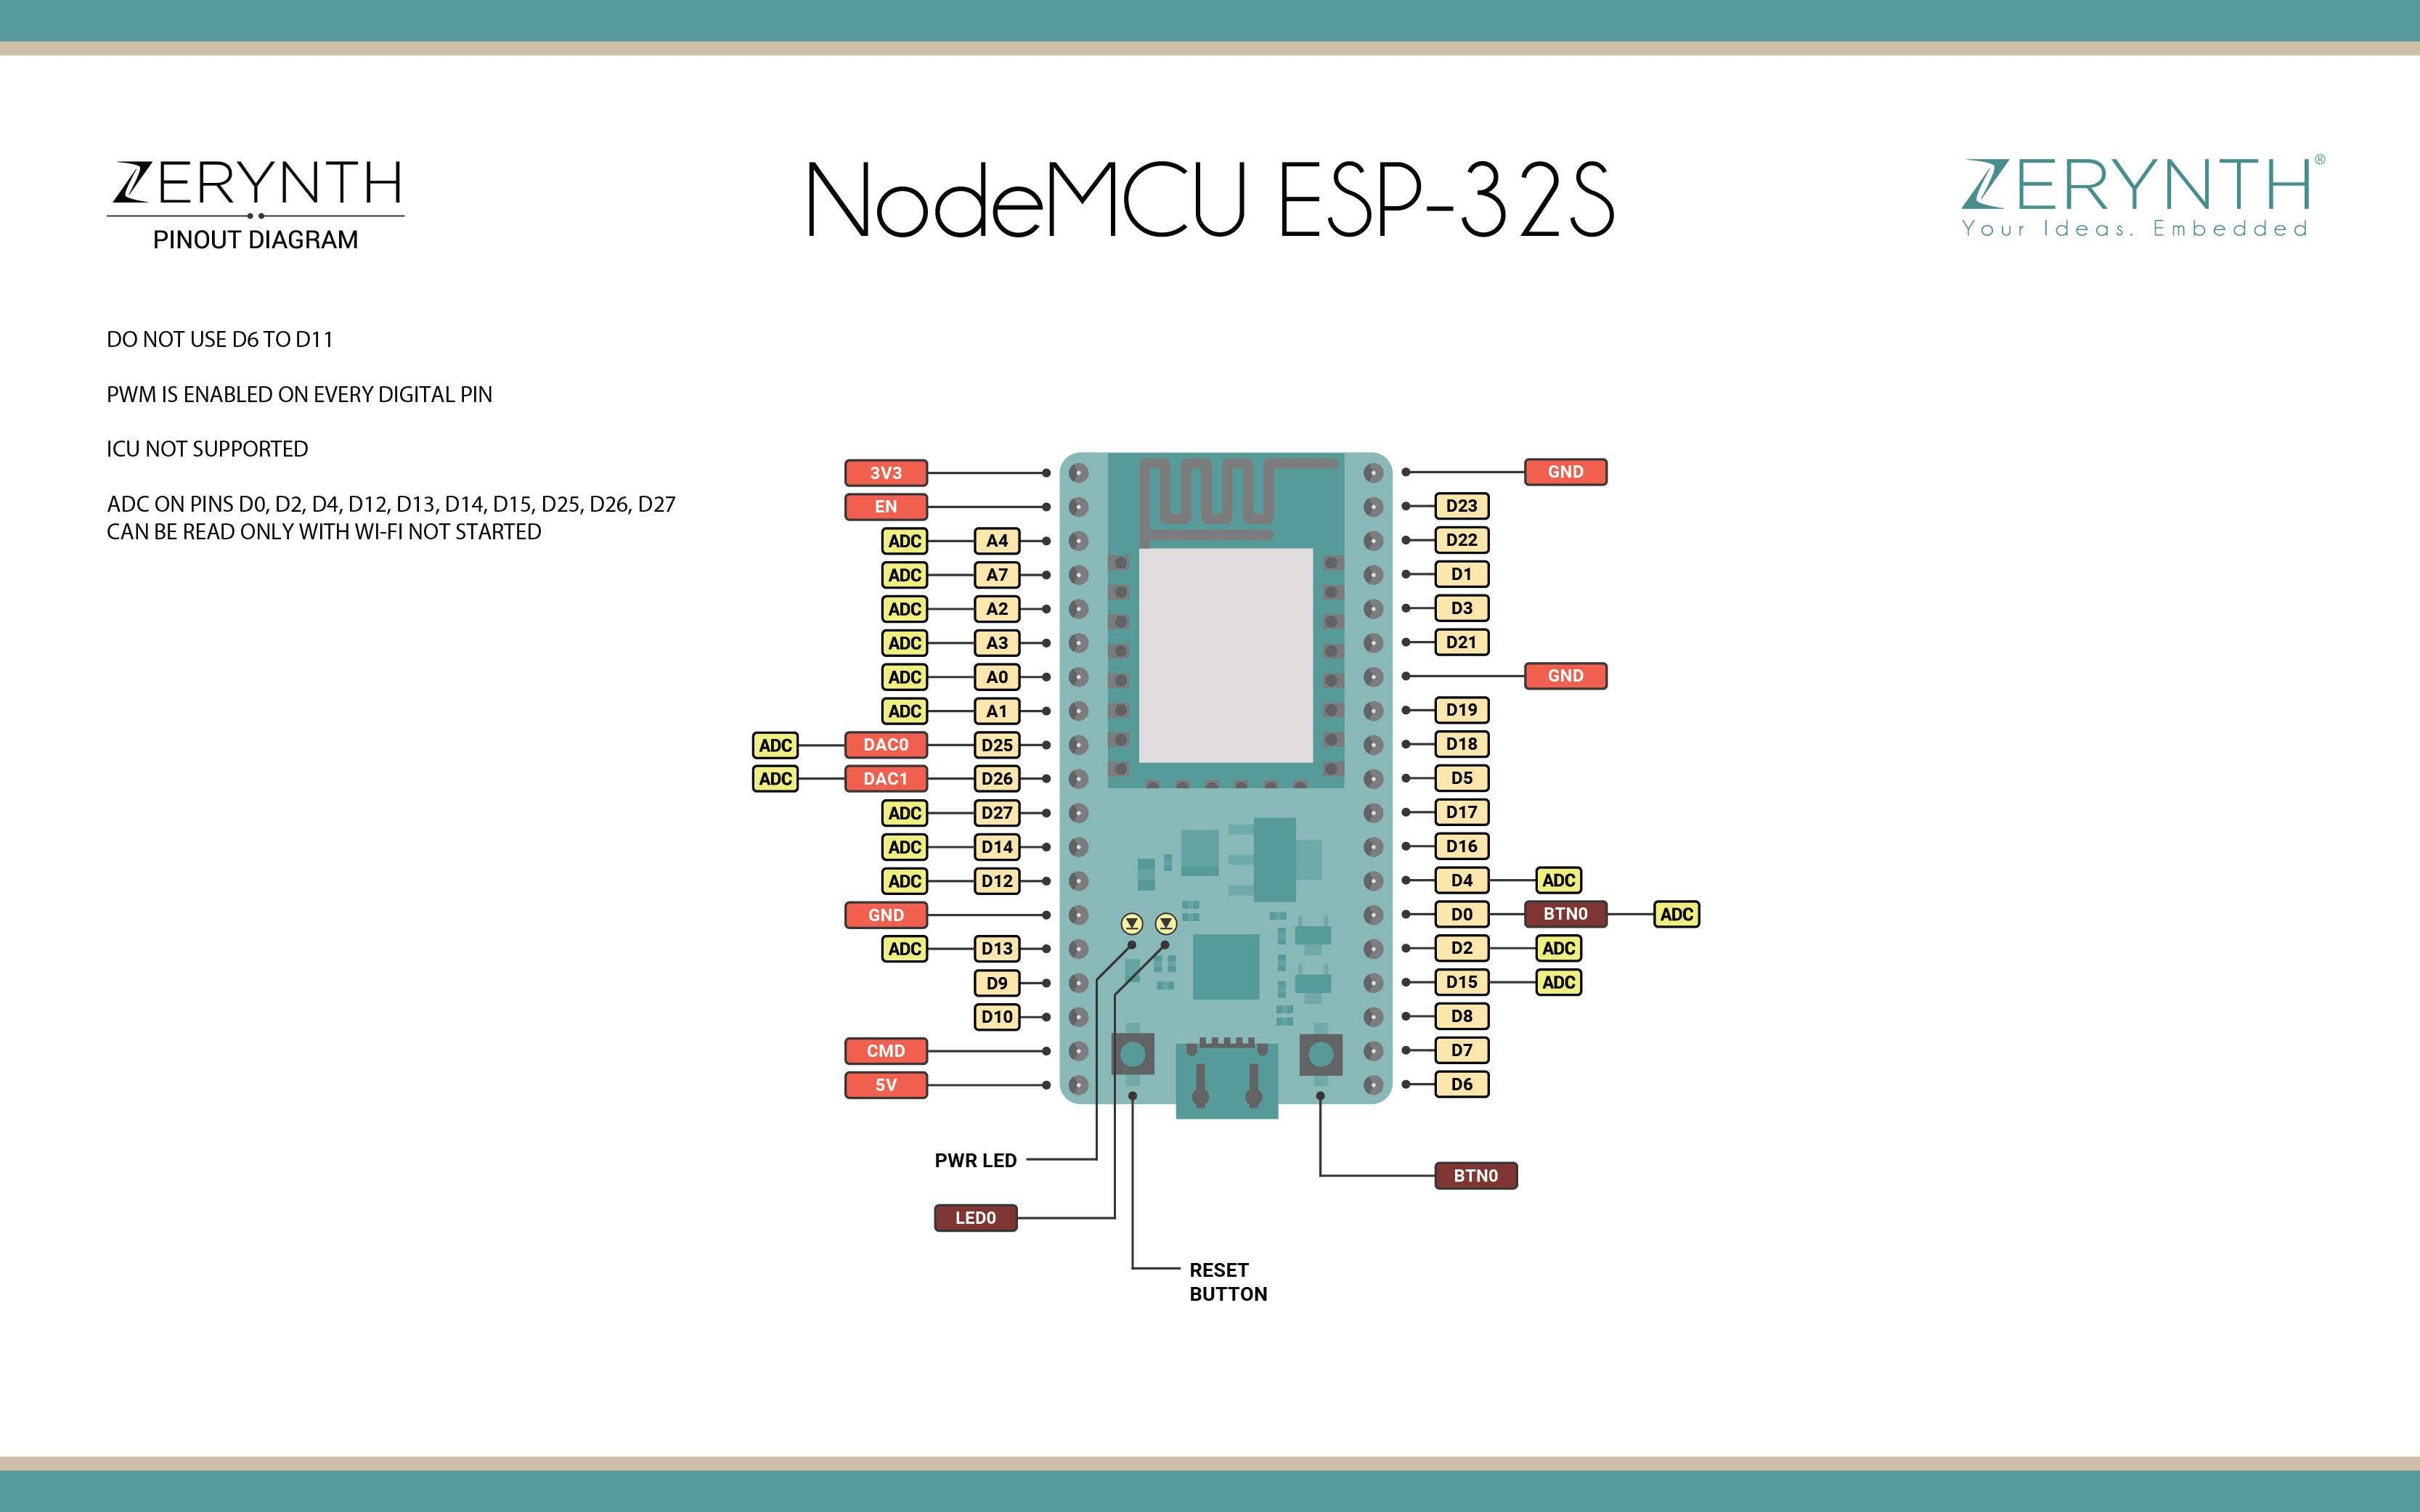 NodeMCU ESP-32S